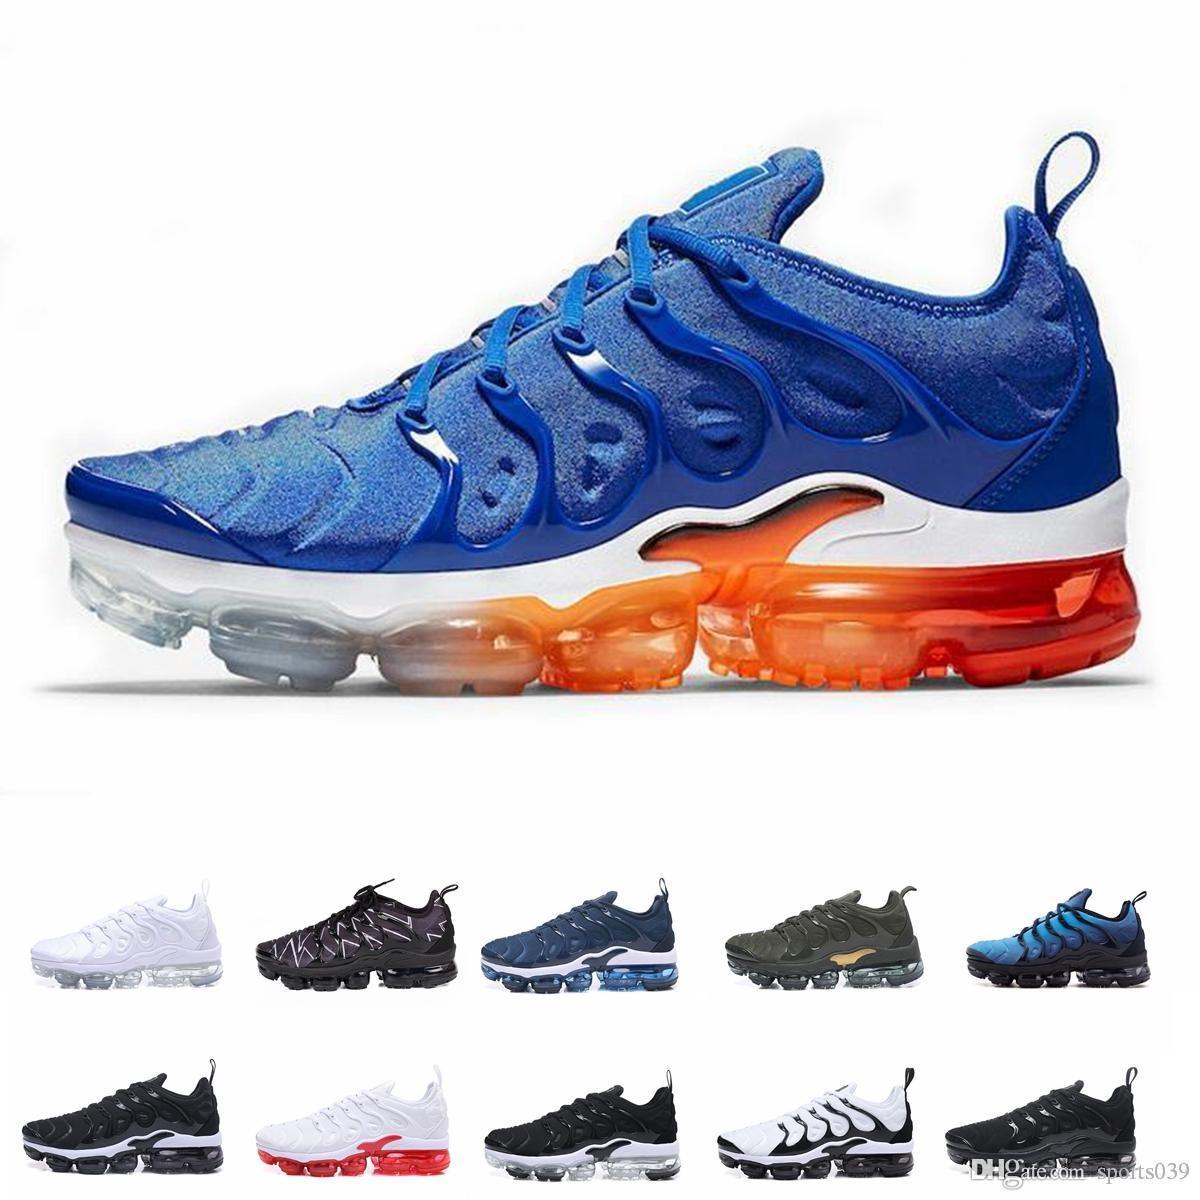 Nike Spedizione gratuita Nuovo 2019 Scarpe da uomo Sneakers TN Plus traspirante AirCusion Desingers Scarpe da corsa casuali Nuovo arrivo Colore US5,5-11 EUR36-45